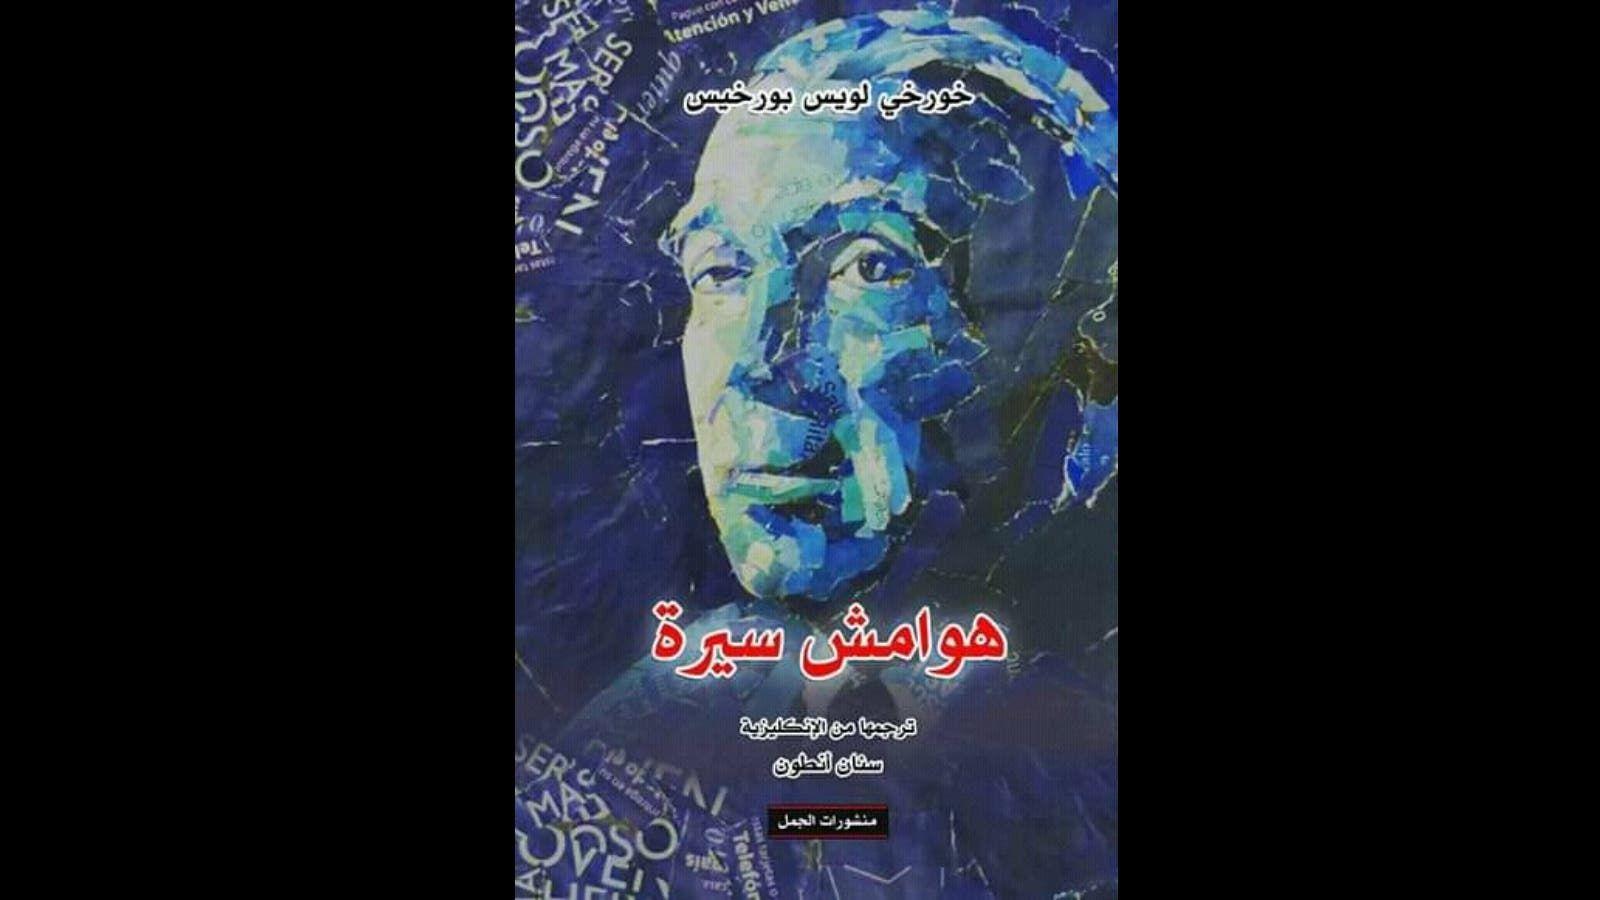 صدور الترجمة العربية لكتاب هوامش سيرة لخورخى لويس بورخيس Book Cover Books Cover